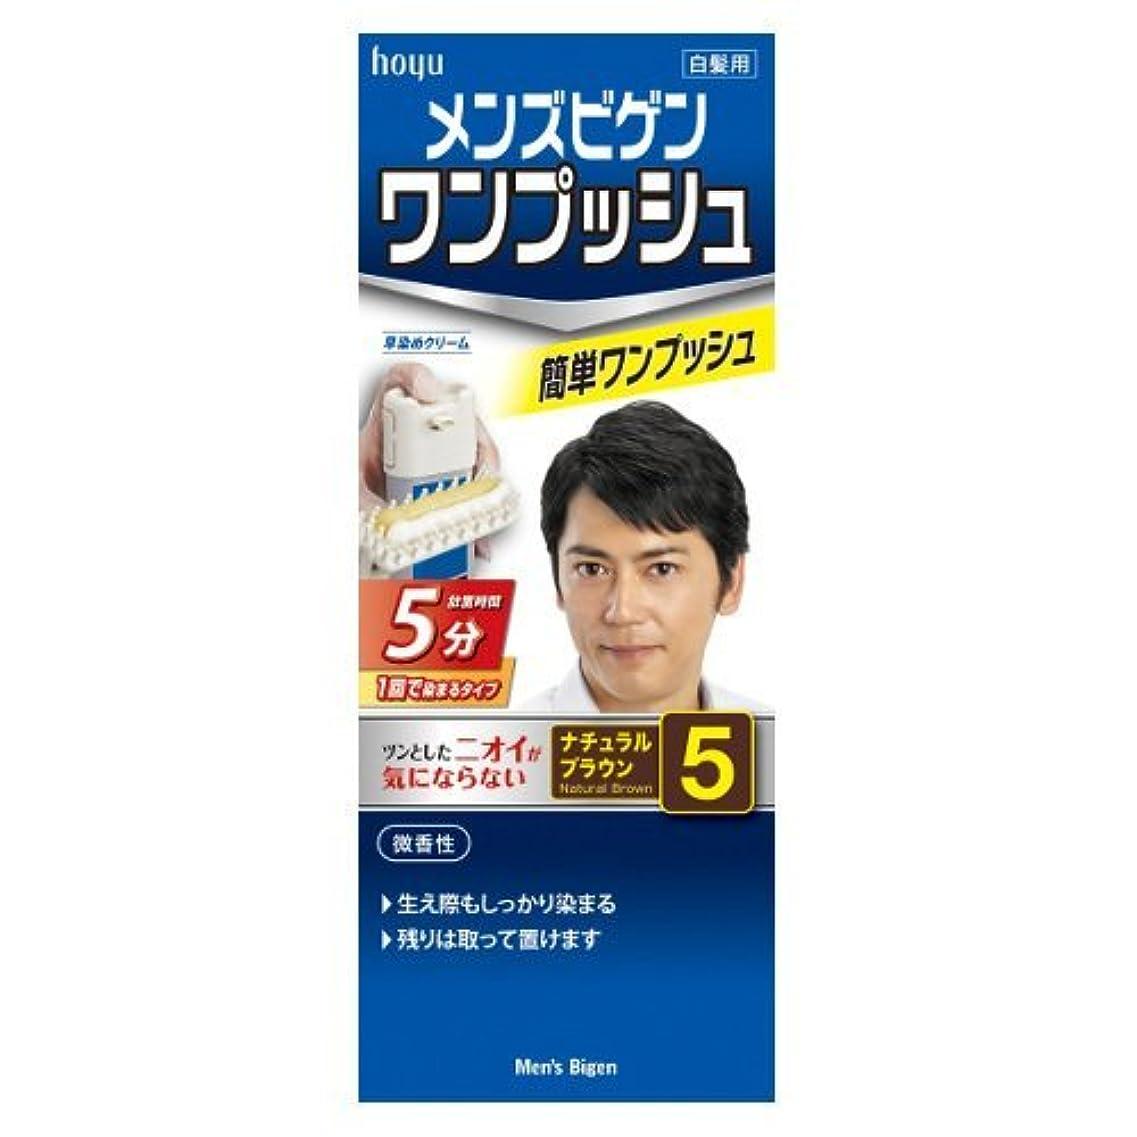 チーズターミナル寝室メンズビゲン ワンプッシュ 5 ナチュラルブラウン 40g+40g[医薬部外品]